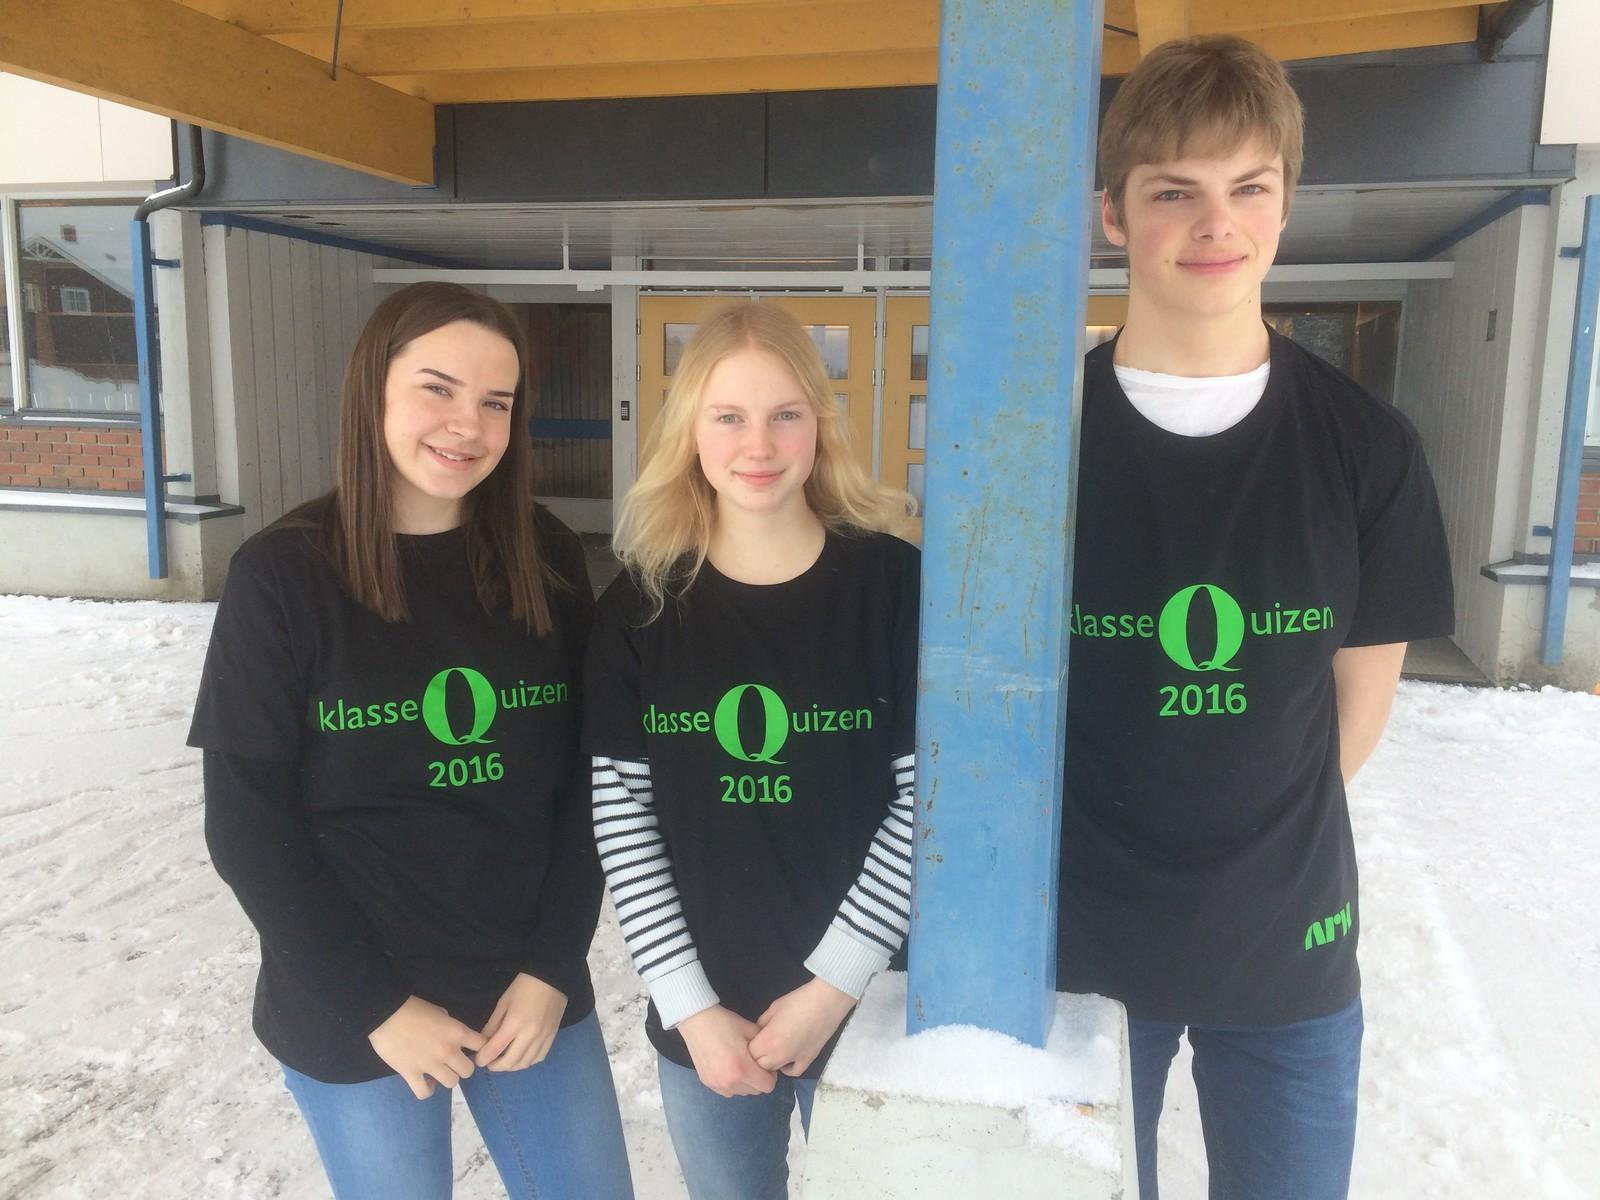 Stange ungdomsskole fikk 9 rette i Klassequizen. F.v. Ida Brun, Ella Ruud Dangmann og Stian Vegard.